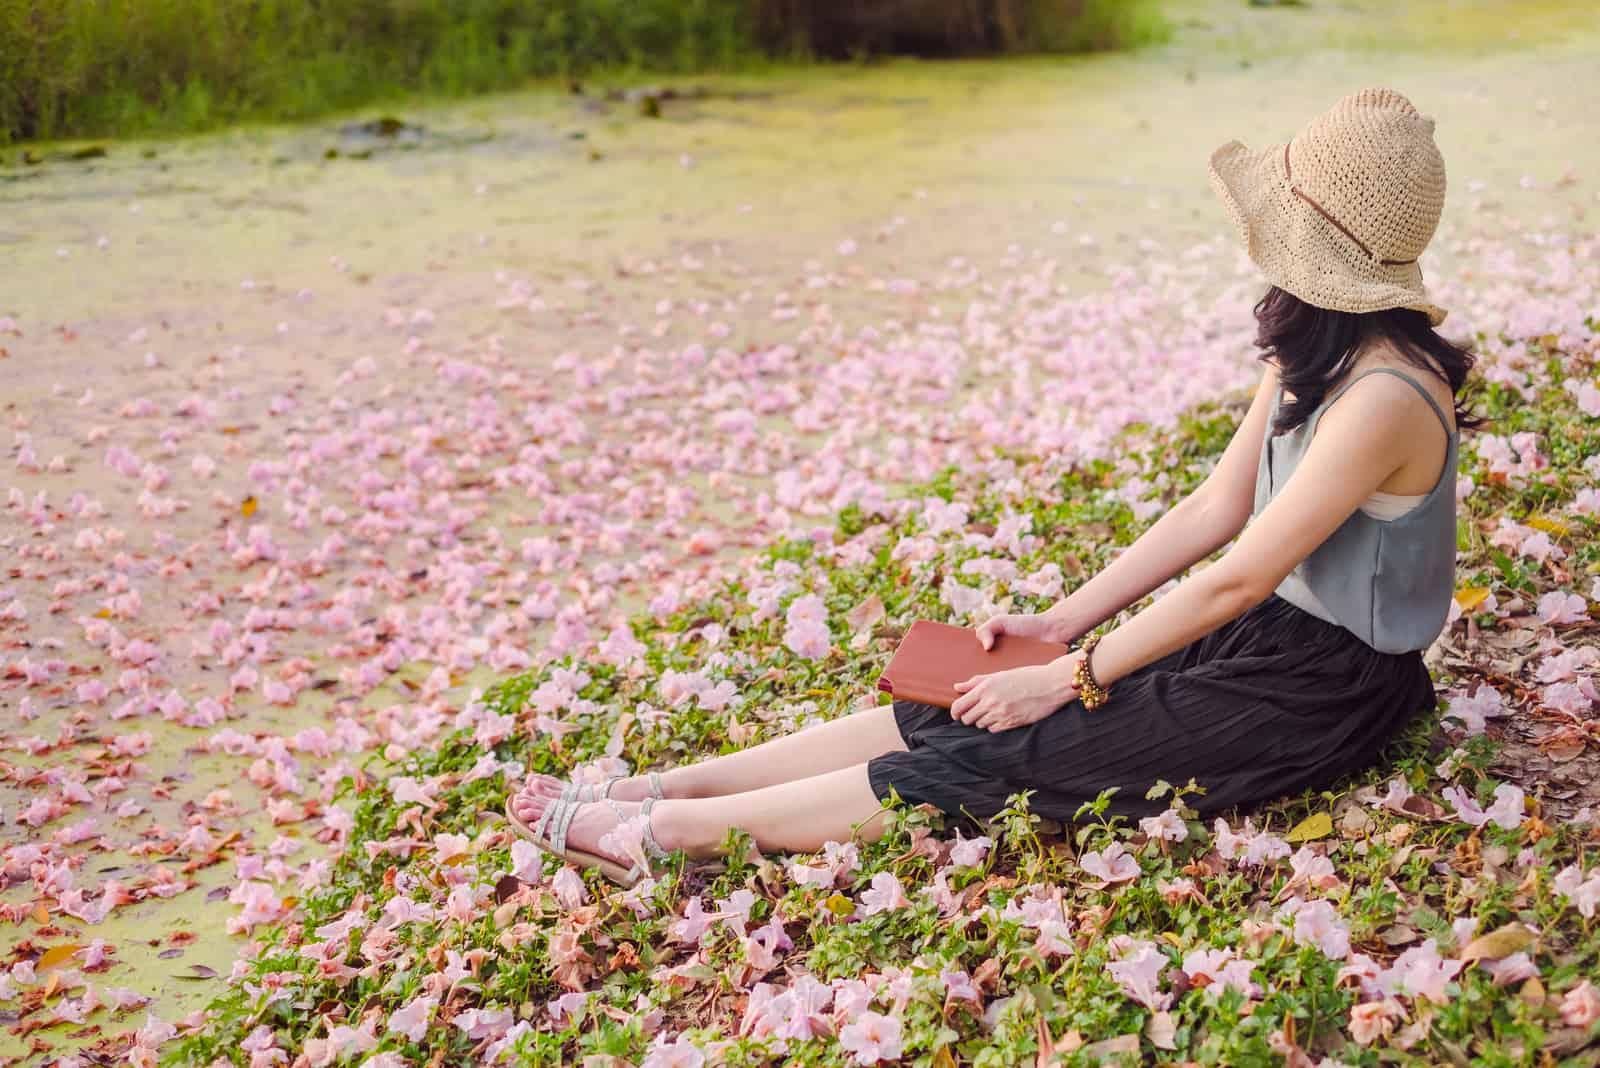 une femme avec un chapeau sur la tête est assise dans l'herbe